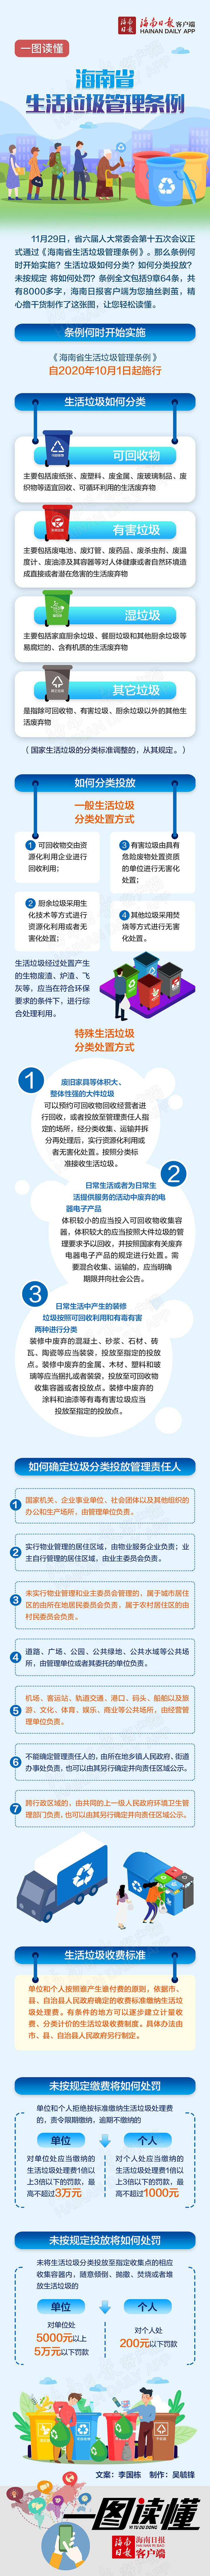 一图读懂海南省生活垃圾管理条例.jpg